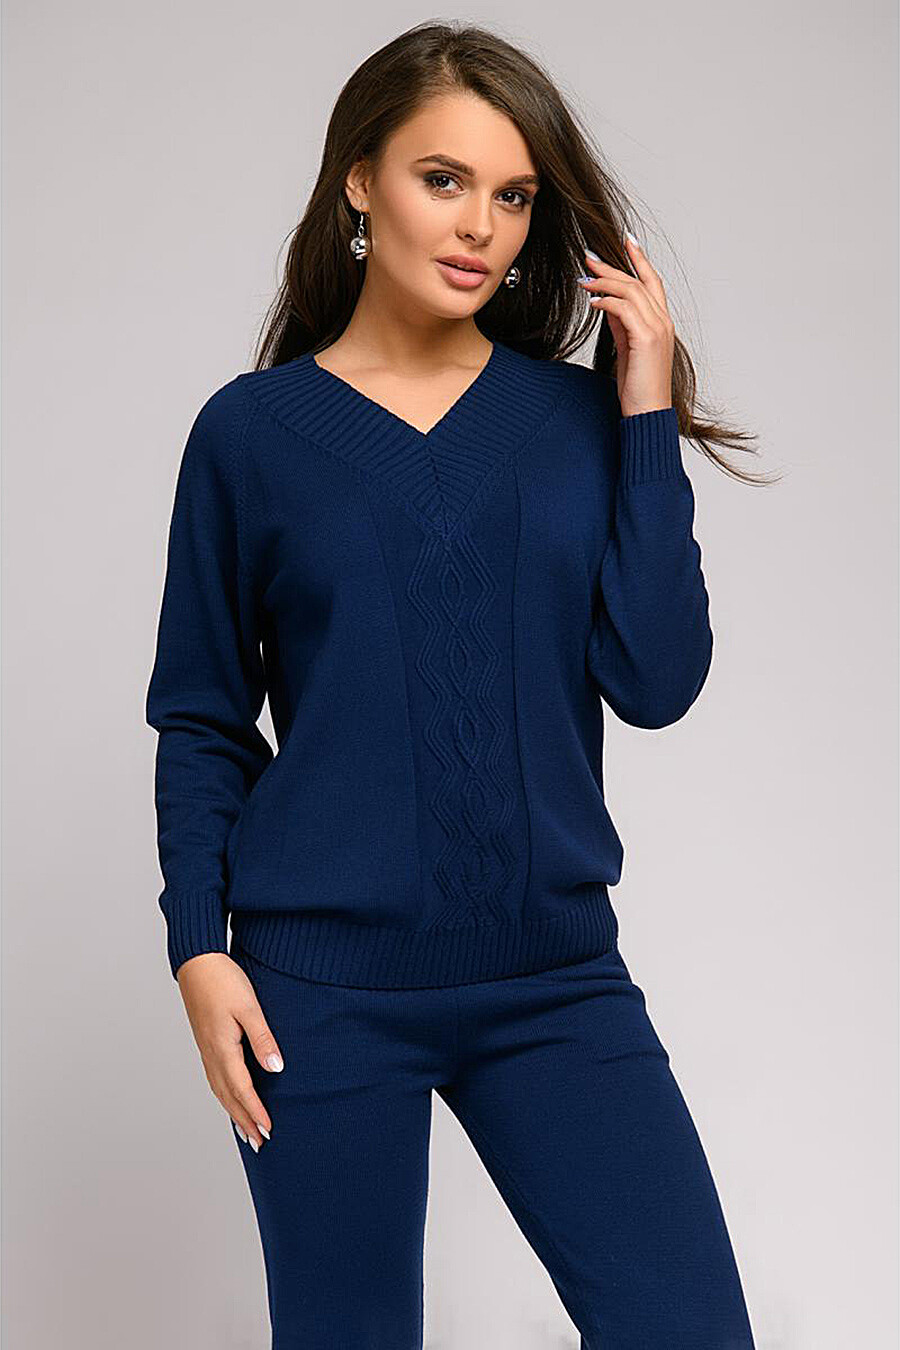 Джемпер для женщин 1001 DRESS 163211 купить оптом от производителя. Совместная покупка женской одежды в OptMoyo